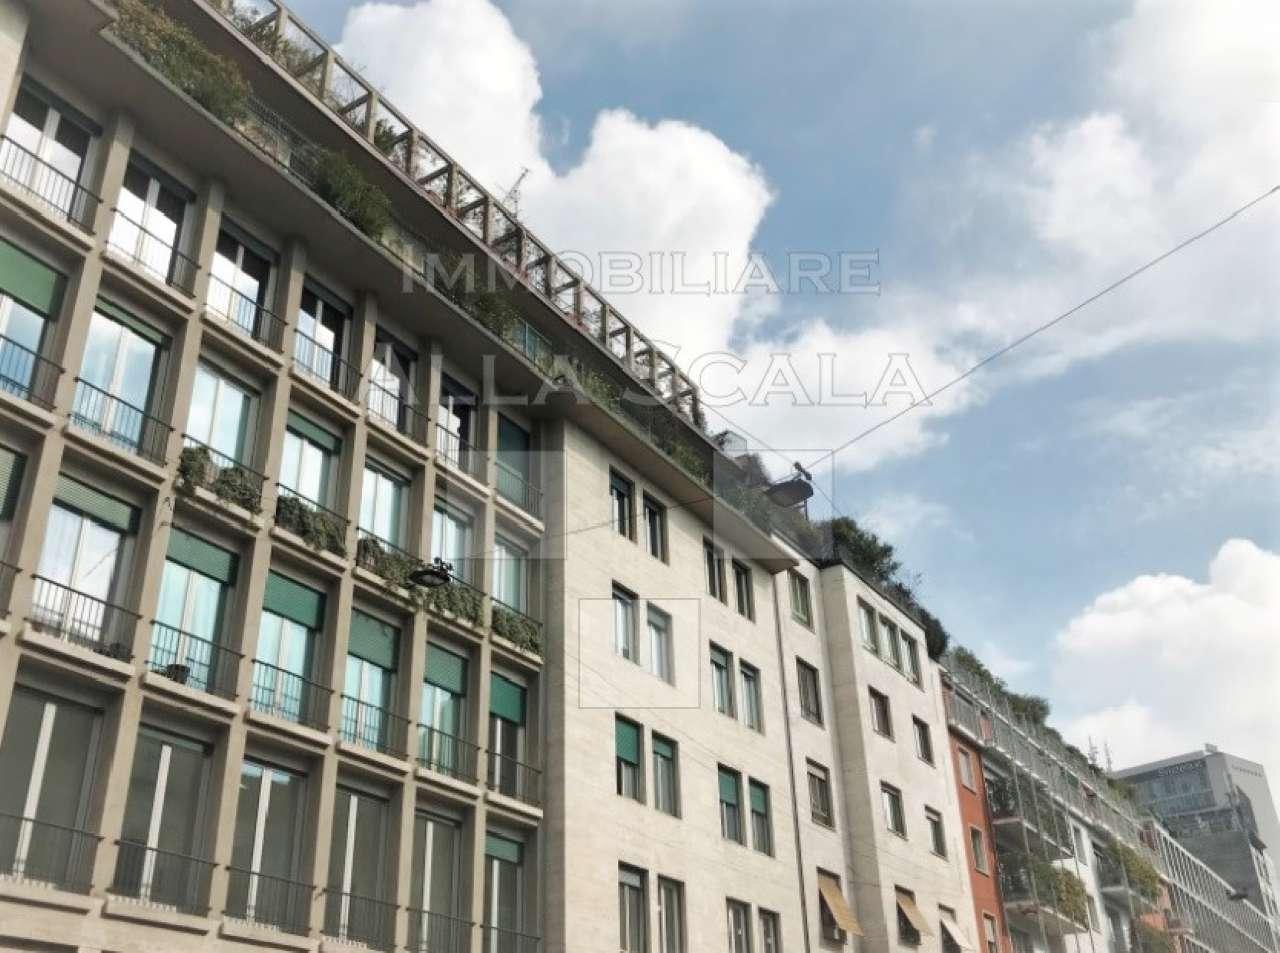 Ufficio-studio in Affitto a Milano 01 Centro storico (Cerchia dei Navigli): 5 locali, 305 mq